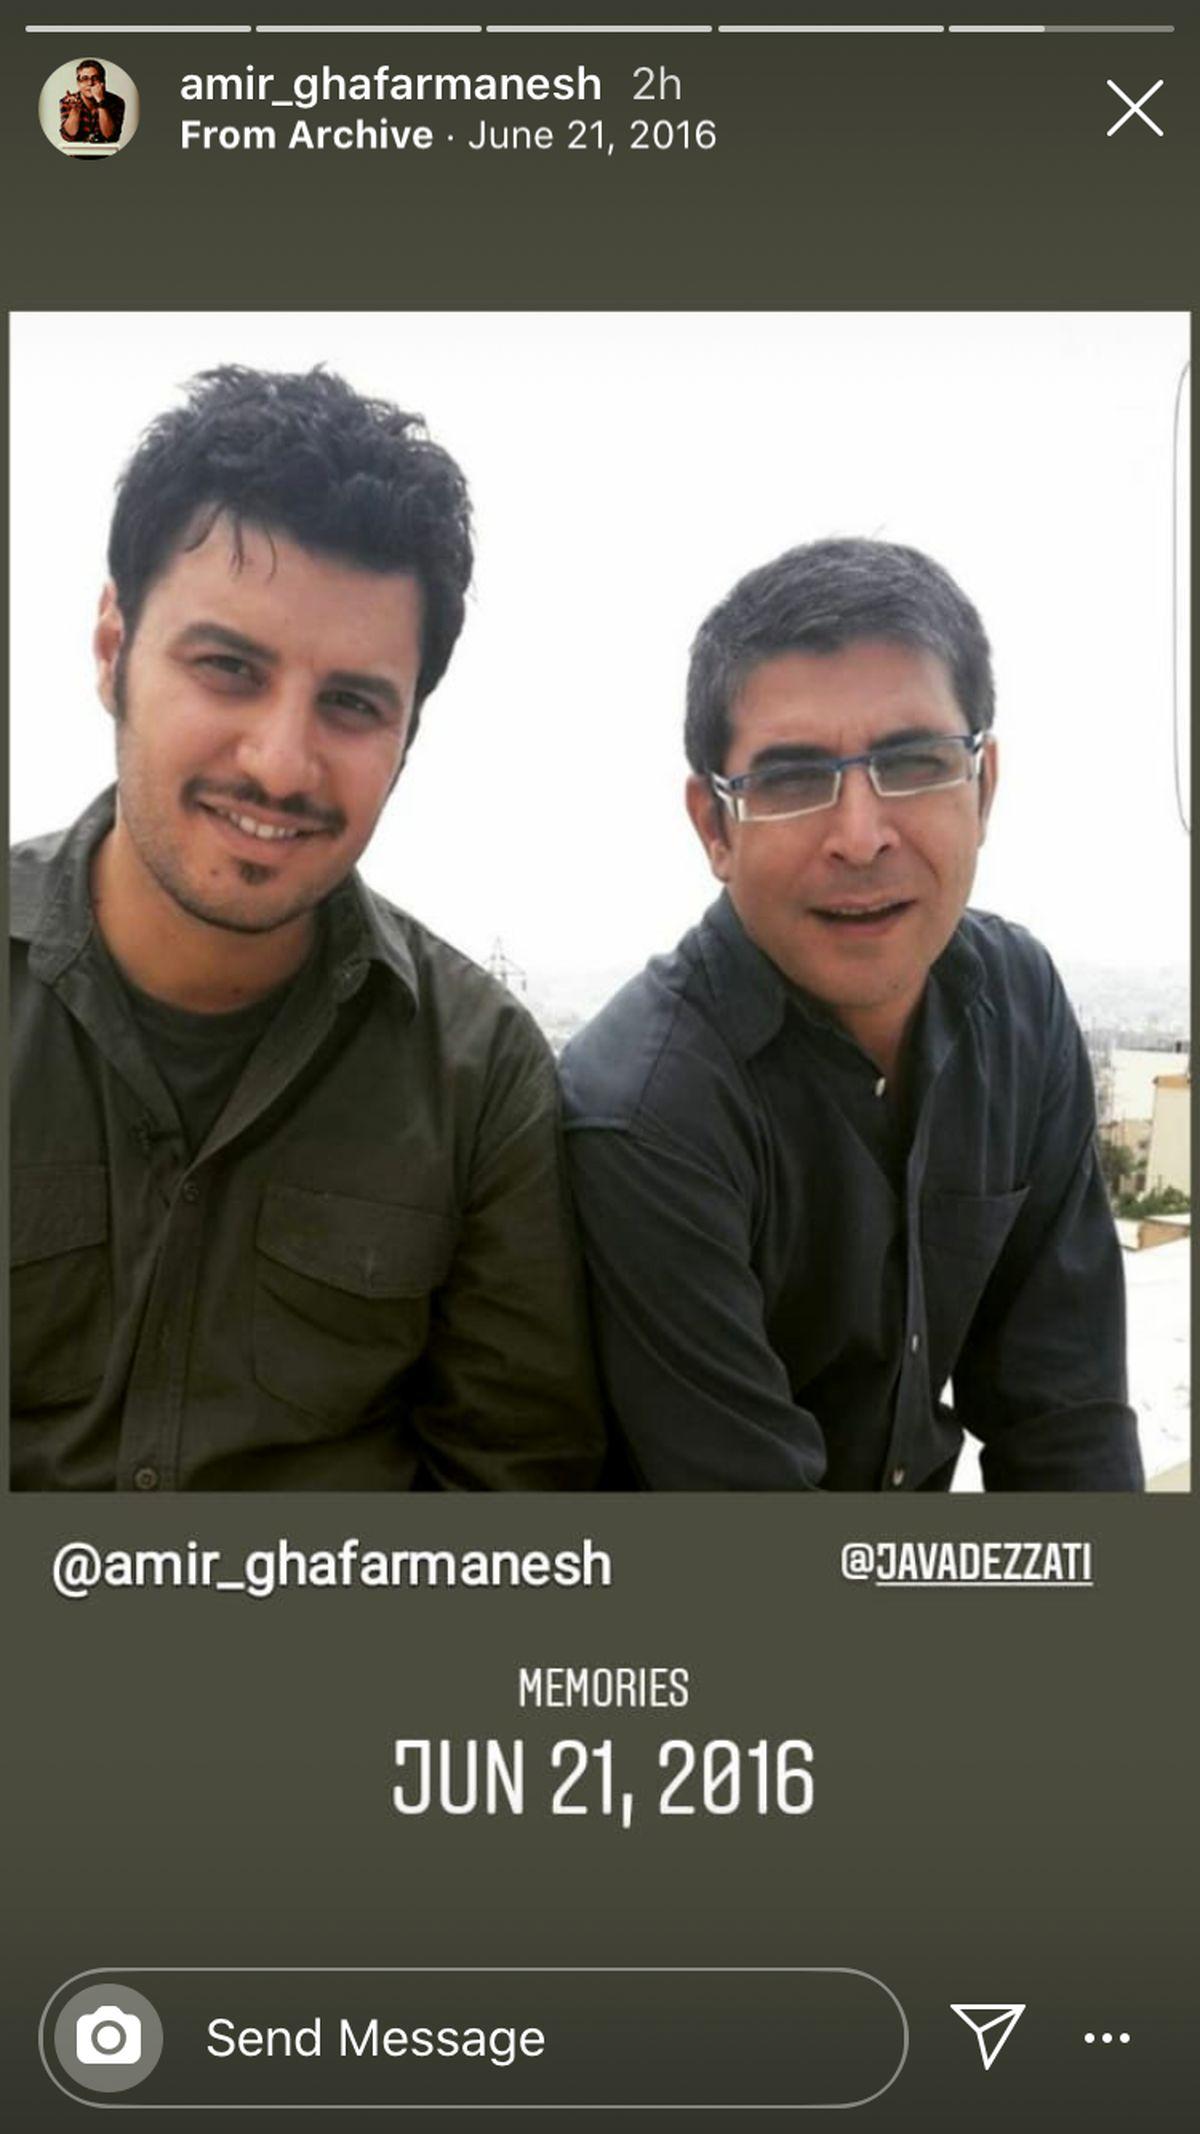 جوانی امیر غفارمنش و جواد عزتی + عکس